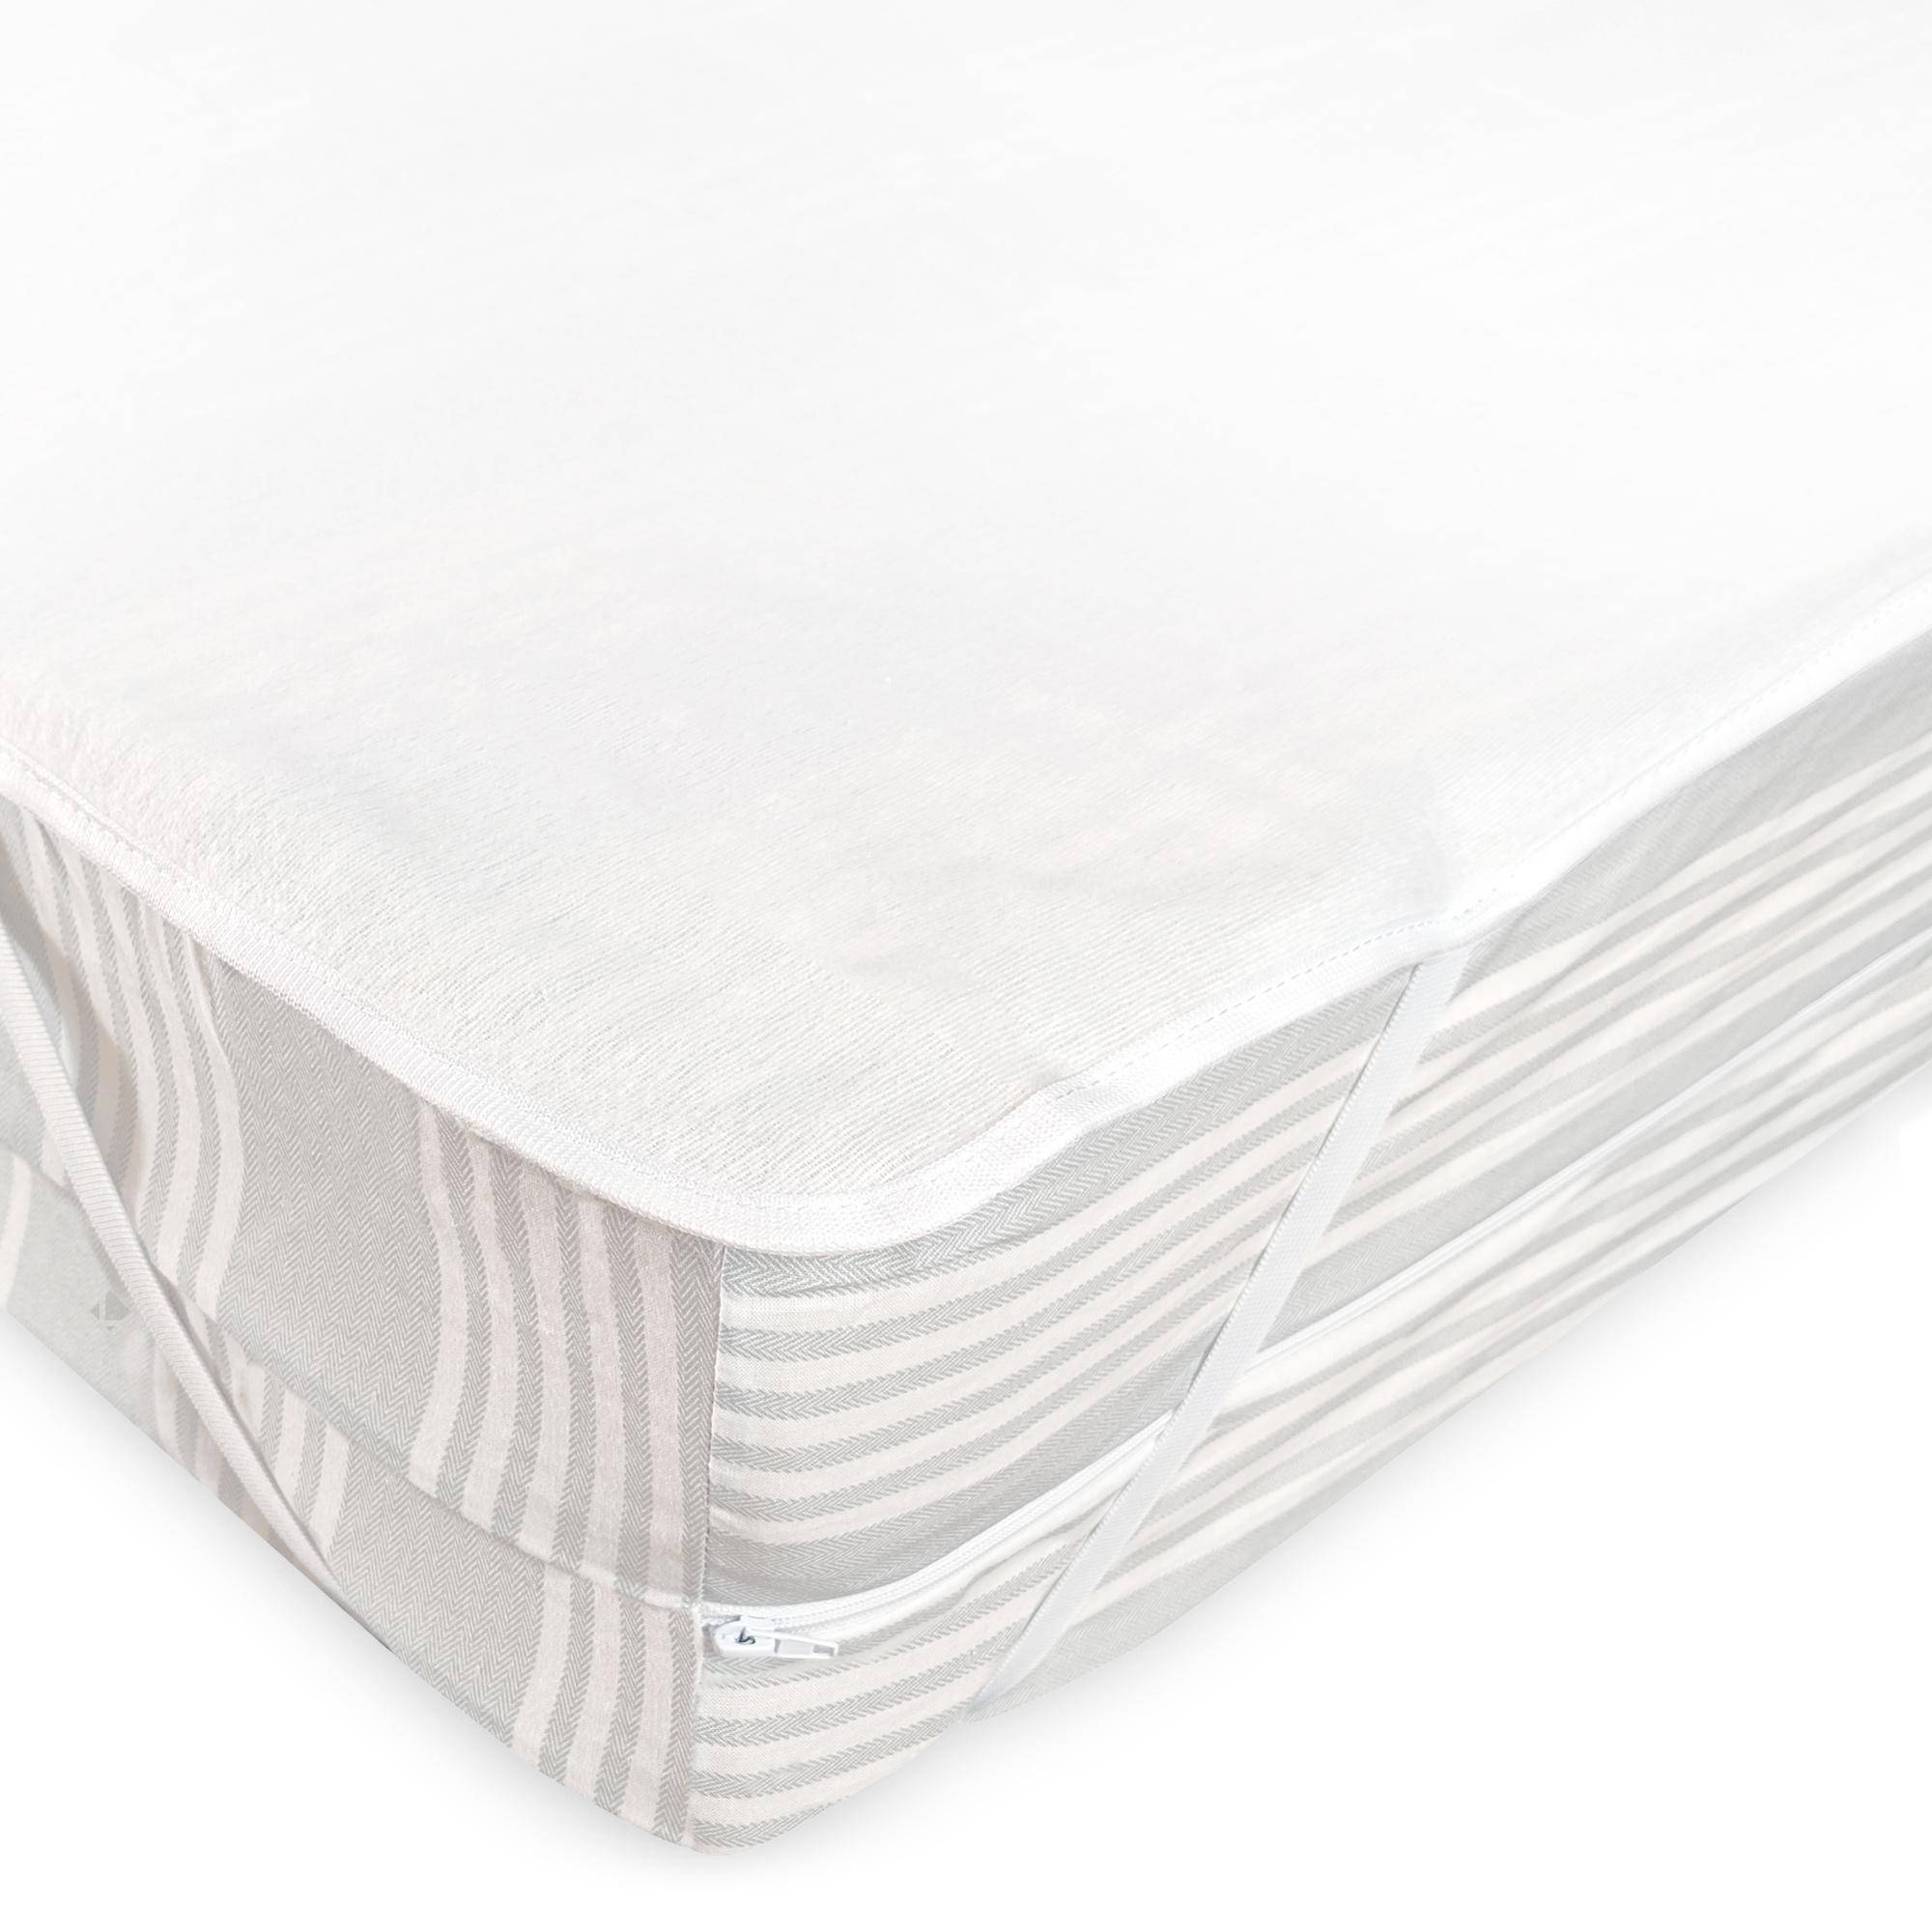 Linnea Alèse plate imperméable 160x190 cm ARNON molleton 100% coton contrecollé polyuréthane